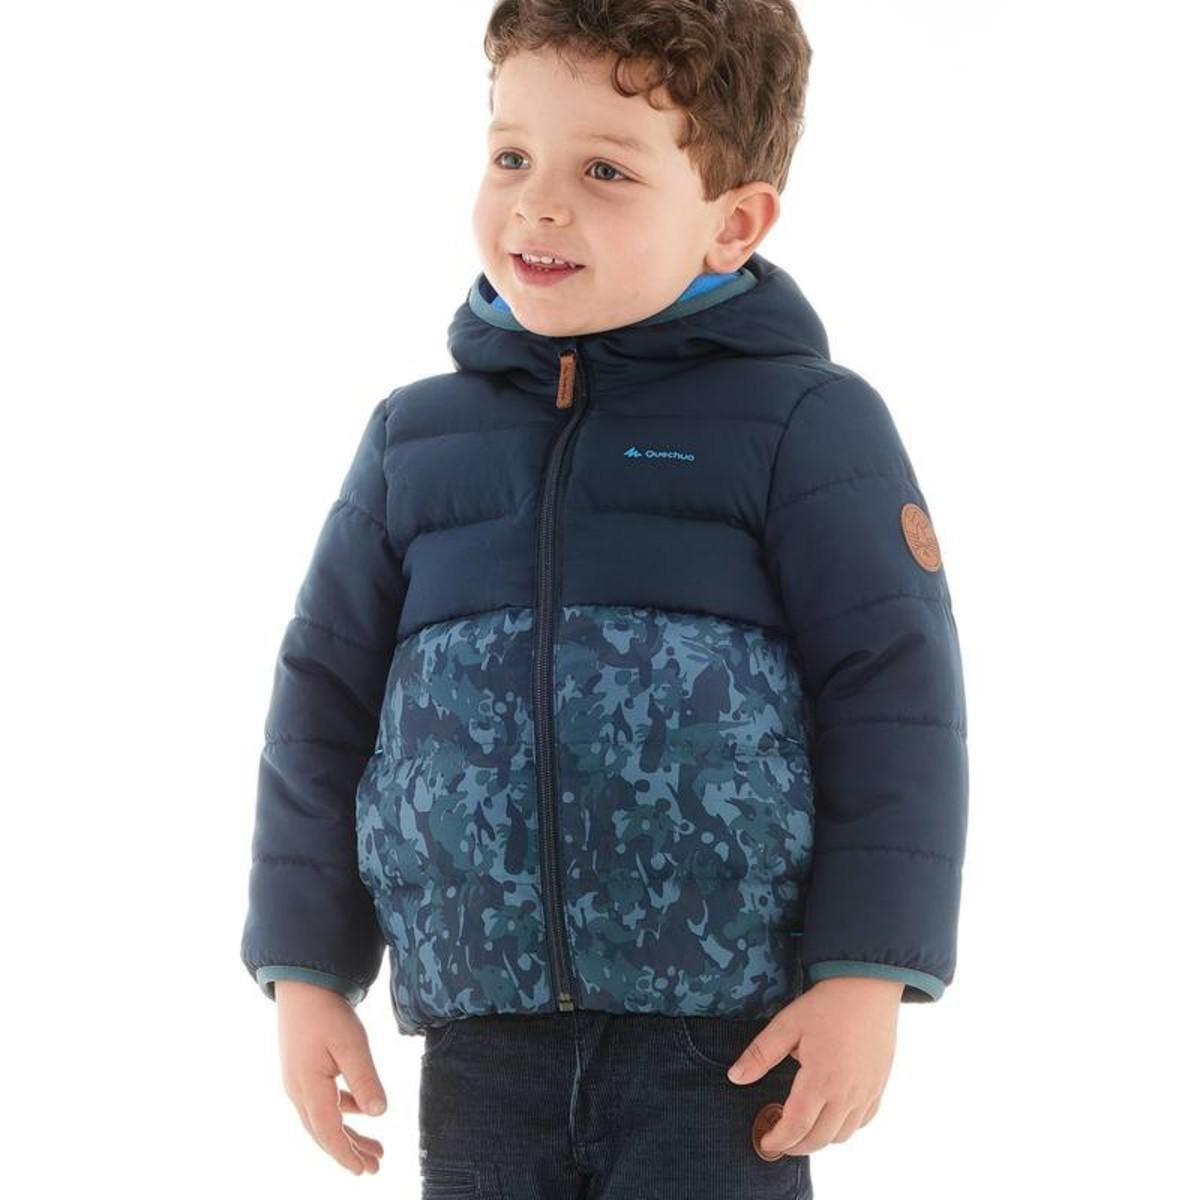 Bild 4 von QUECHUA Wattierte Jacke X-Warm Kinder blau, Größe: 2 J. - Gr. 86